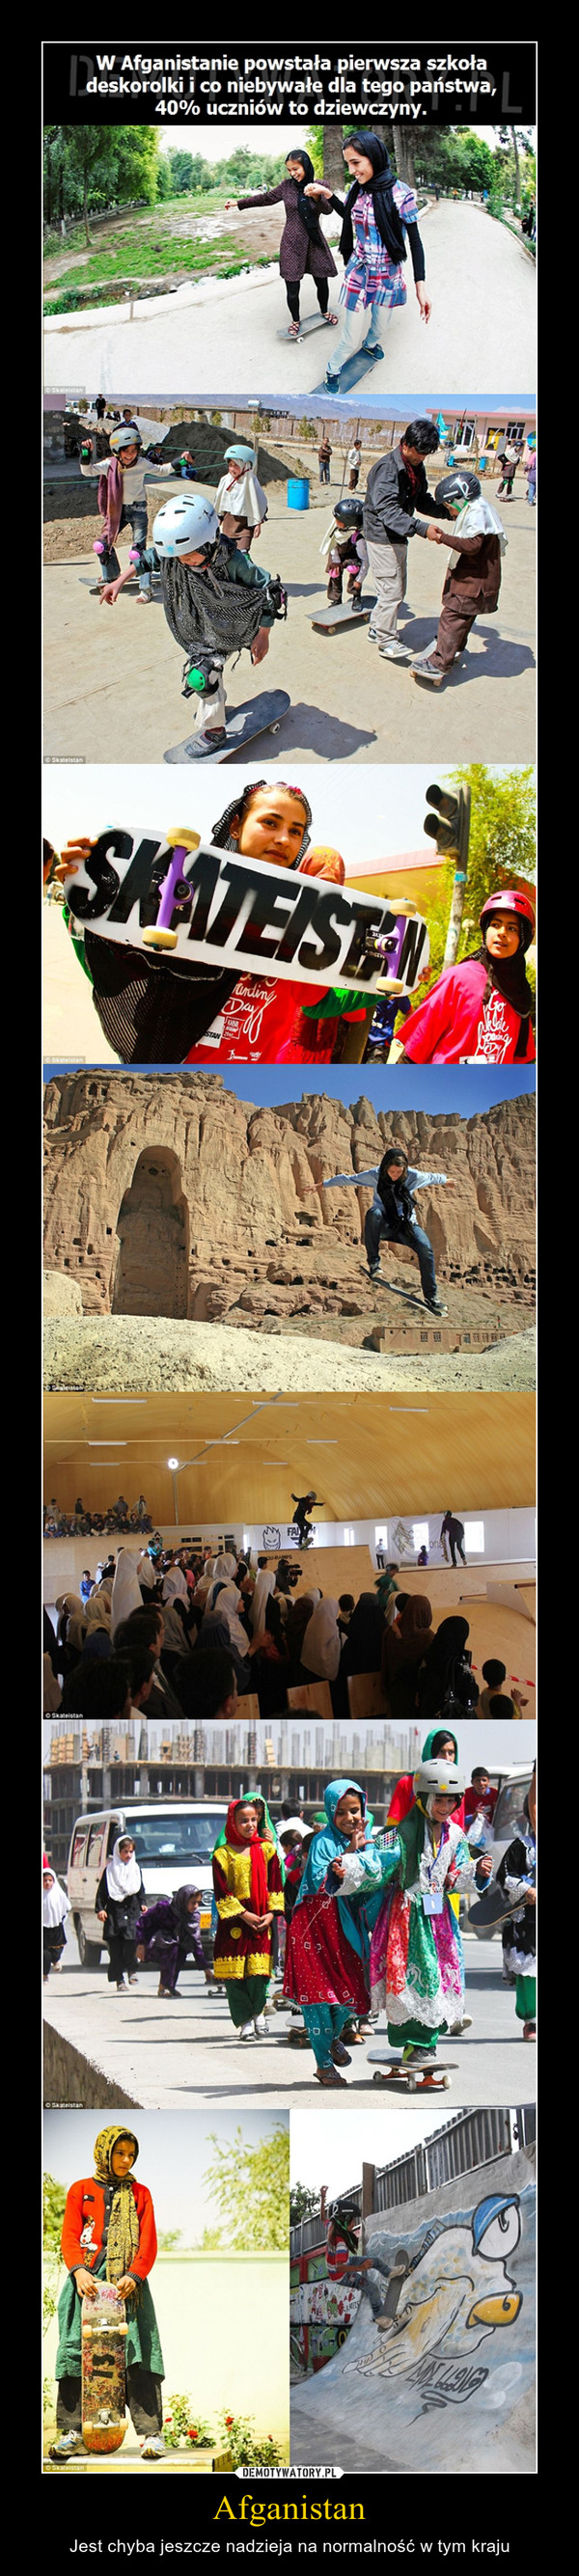 Afganistan – Jest chyba jeszcze nadzieja na normalność w tym kraju